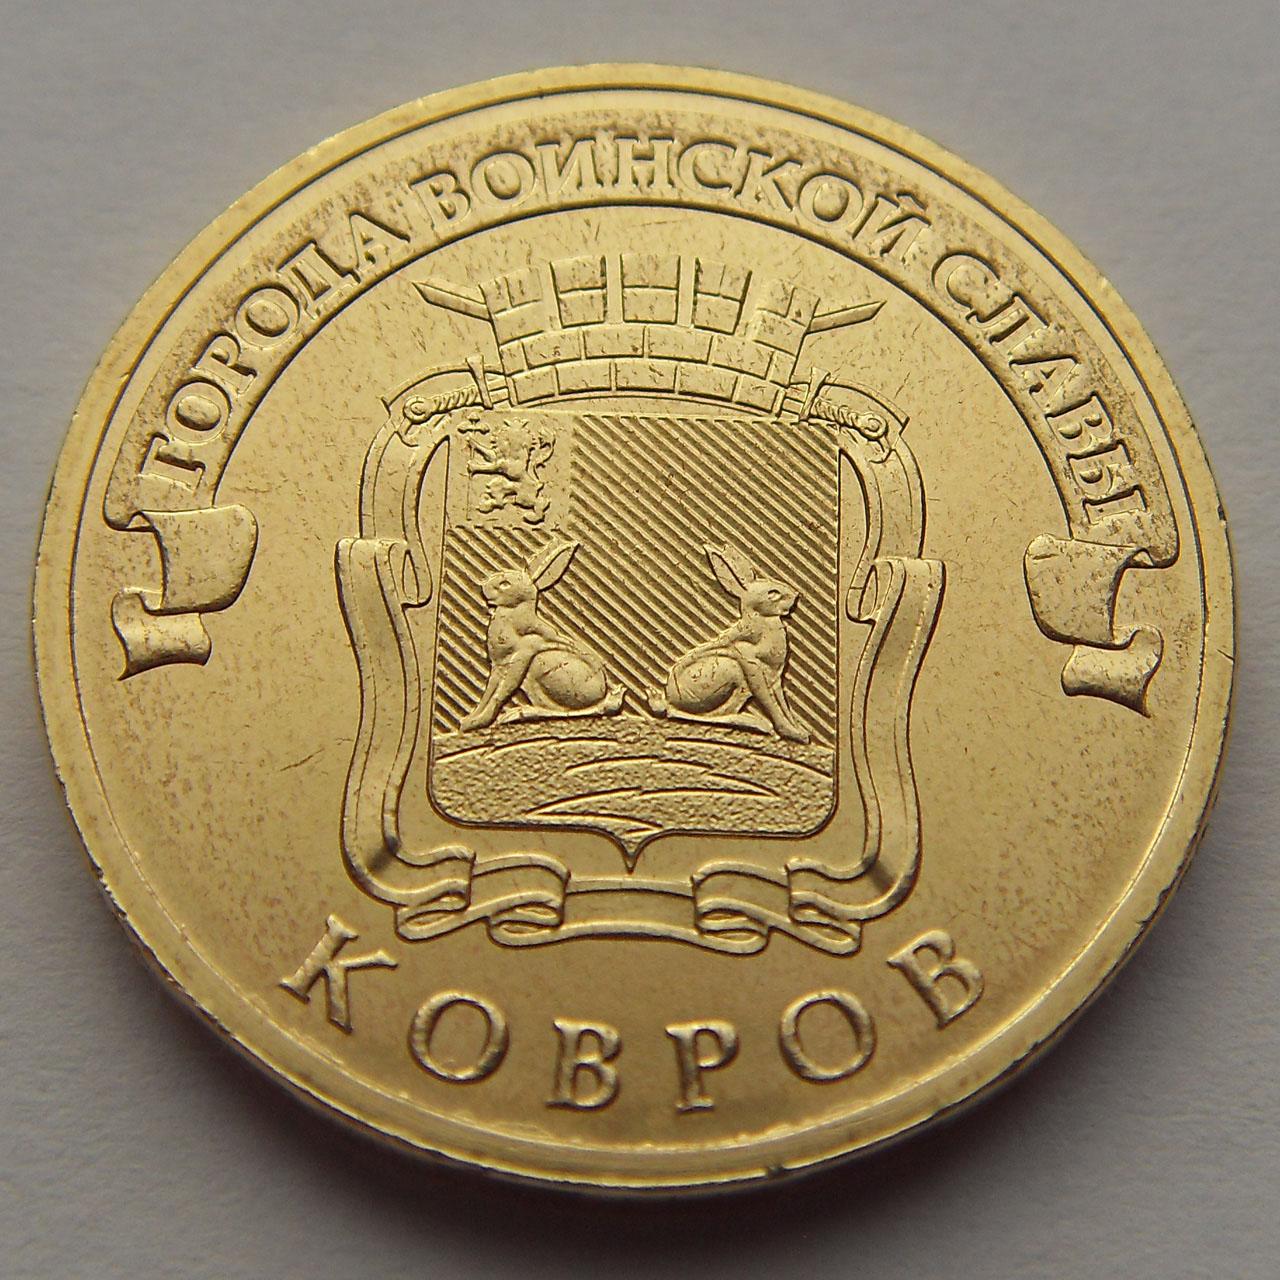 Ковров монета медные монеты купить москва